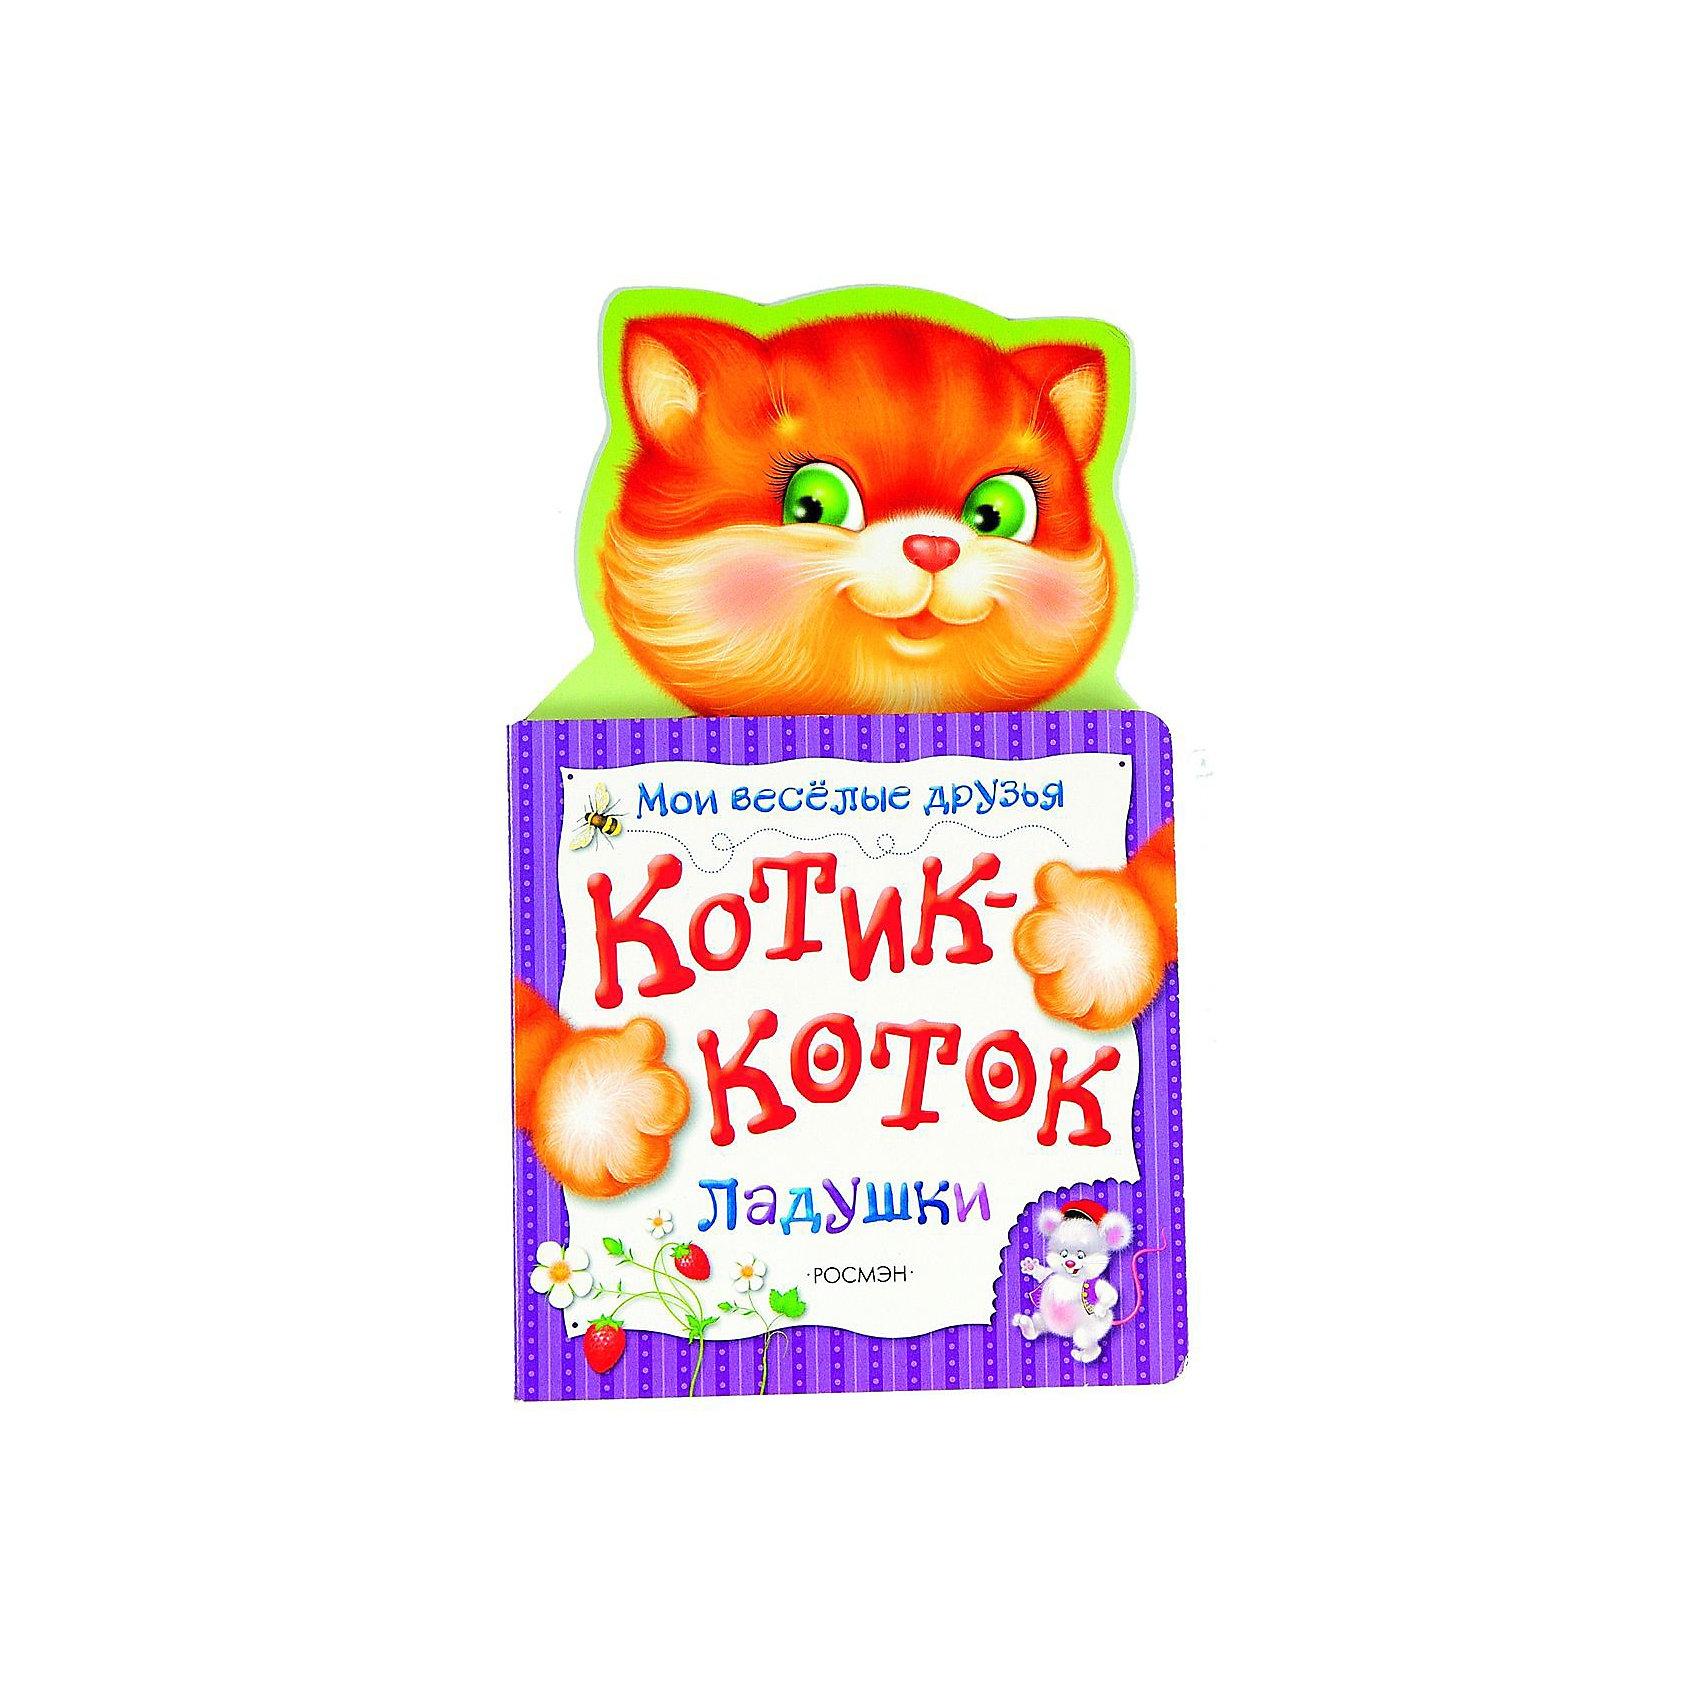 Ладушки Котик-коток, Мои веселые друзьяКотик-коток, серия Мои веселые друзья, Росмэн – это книжка с забавными ладушками, которые понравятся малышу и легко запомнятся.<br>Книга «Котик-коток» выполнена в интересном дизайне как книга-вырубка. В ней есть много забавных ладушек. Небольшой, удобный формат, плотные картонные страницы, яркие и красочные иллюстрации очень понравятся малышу. Книгу очень удобно брать с собой, поскольку она имеет компактные размеры.<br><br>Дополнительная информация:<br><br>- Художественный редактор: Мазанова Е.К.<br>- Художник: Купряшова С.Н.<br>- Тип переплета (обложка): картон<br>- Размер: 125x210 мм.<br>- Количество страниц: 14<br>- Иллюстрации: цветные<br><br>Книгу «Котик-коток», серия Мои веселые друзья, Росмэн можно купить в нашем интернет-магазине.<br><br>Ширина мм: 210<br>Глубина мм: 123<br>Высота мм: 9<br>Вес г: 90<br>Возраст от месяцев: 24<br>Возраст до месяцев: 36<br>Пол: Унисекс<br>Возраст: Детский<br>SKU: 3604771